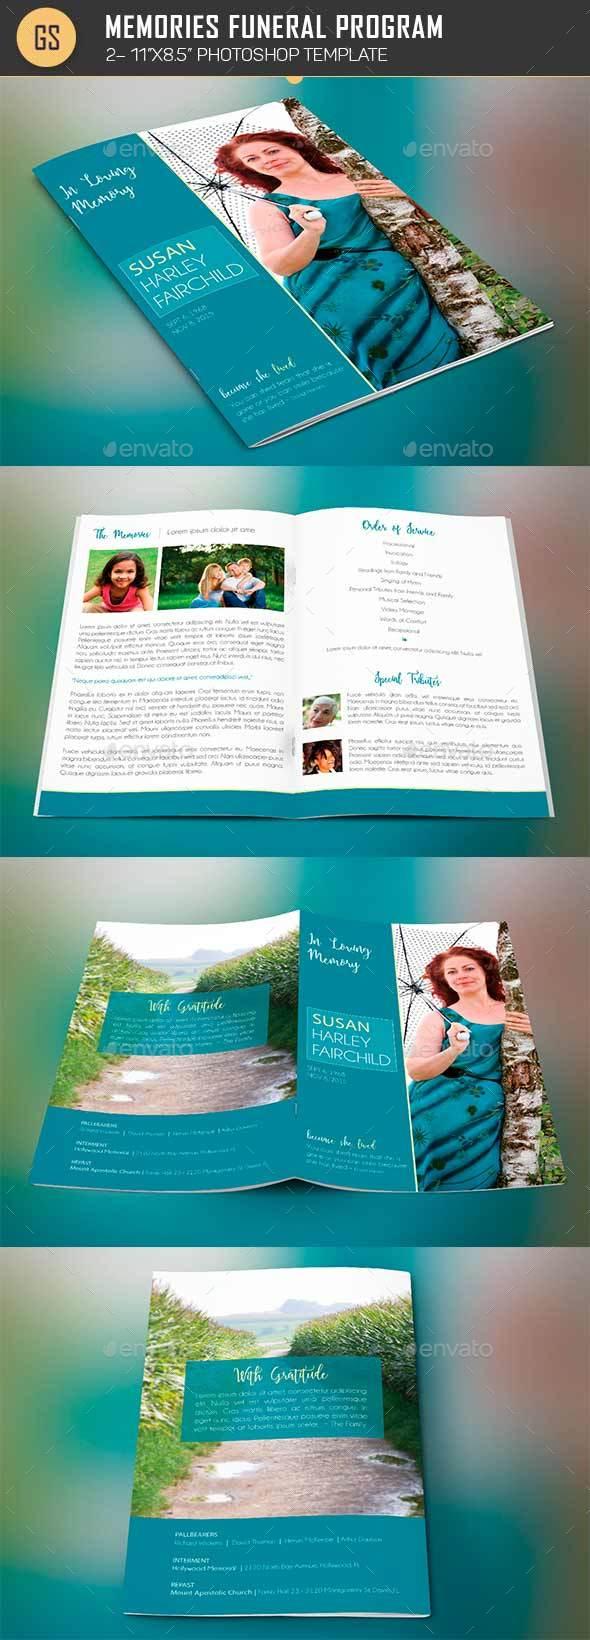 Memories Funeral Program Template - Informational Brochures